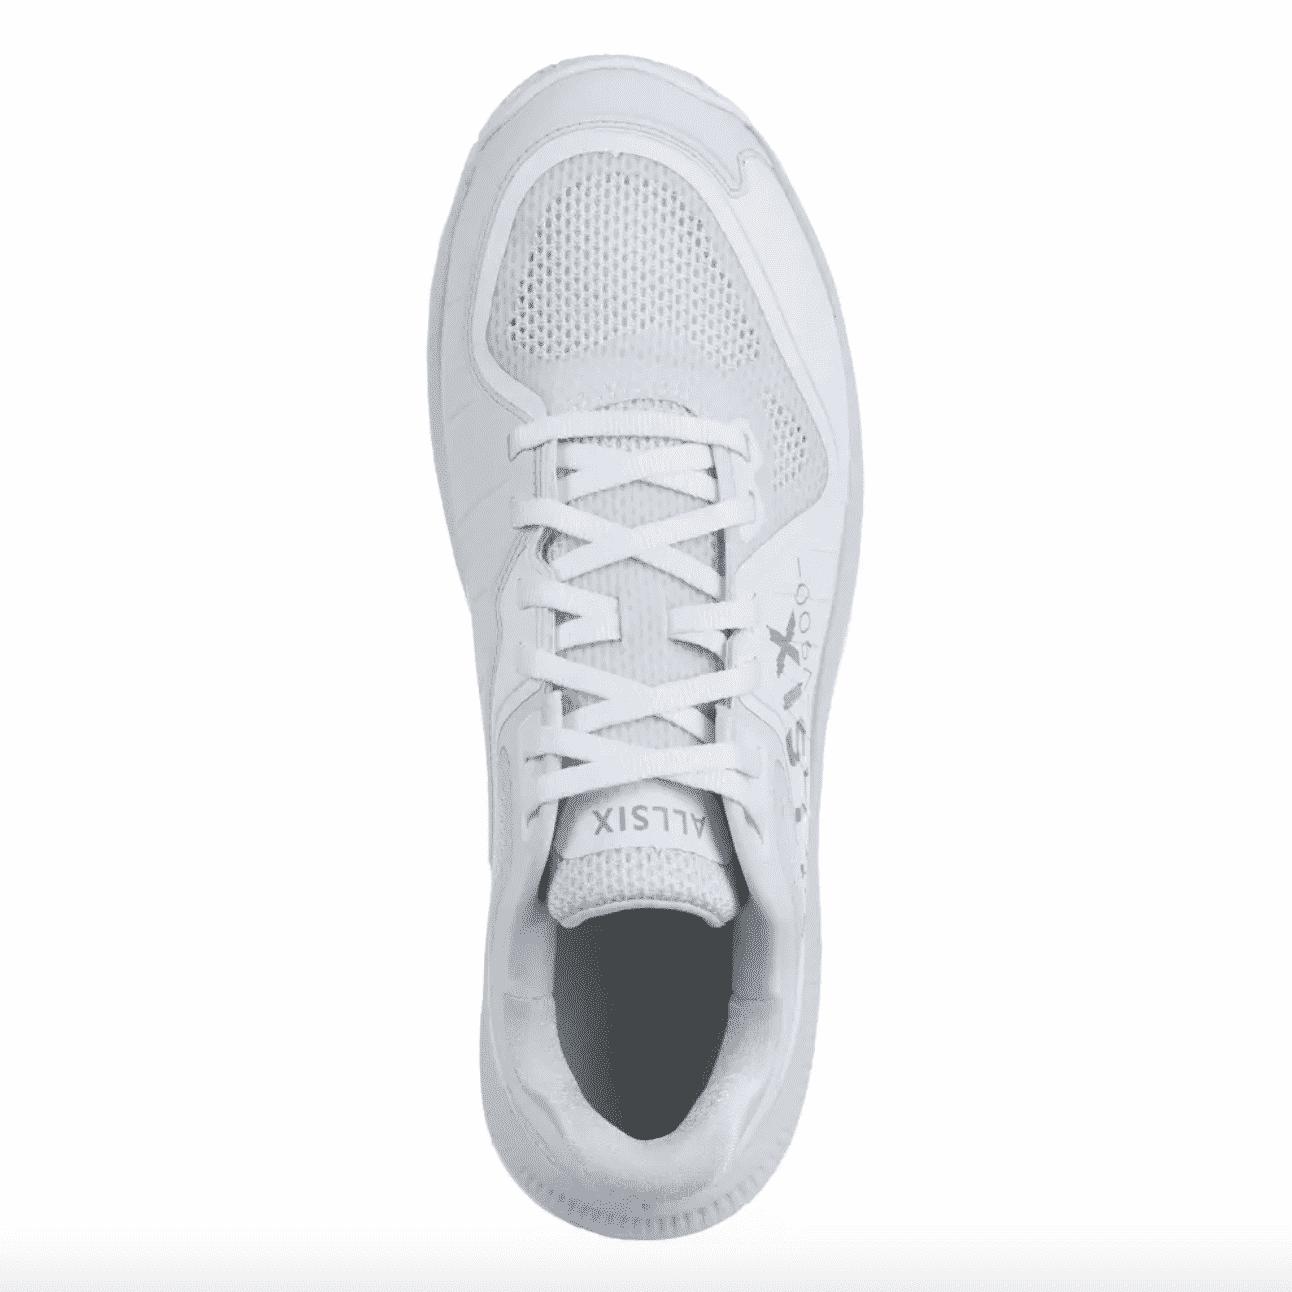 allsix-presente-ses-nouvelles-chaussures-de-volley-vs900-18